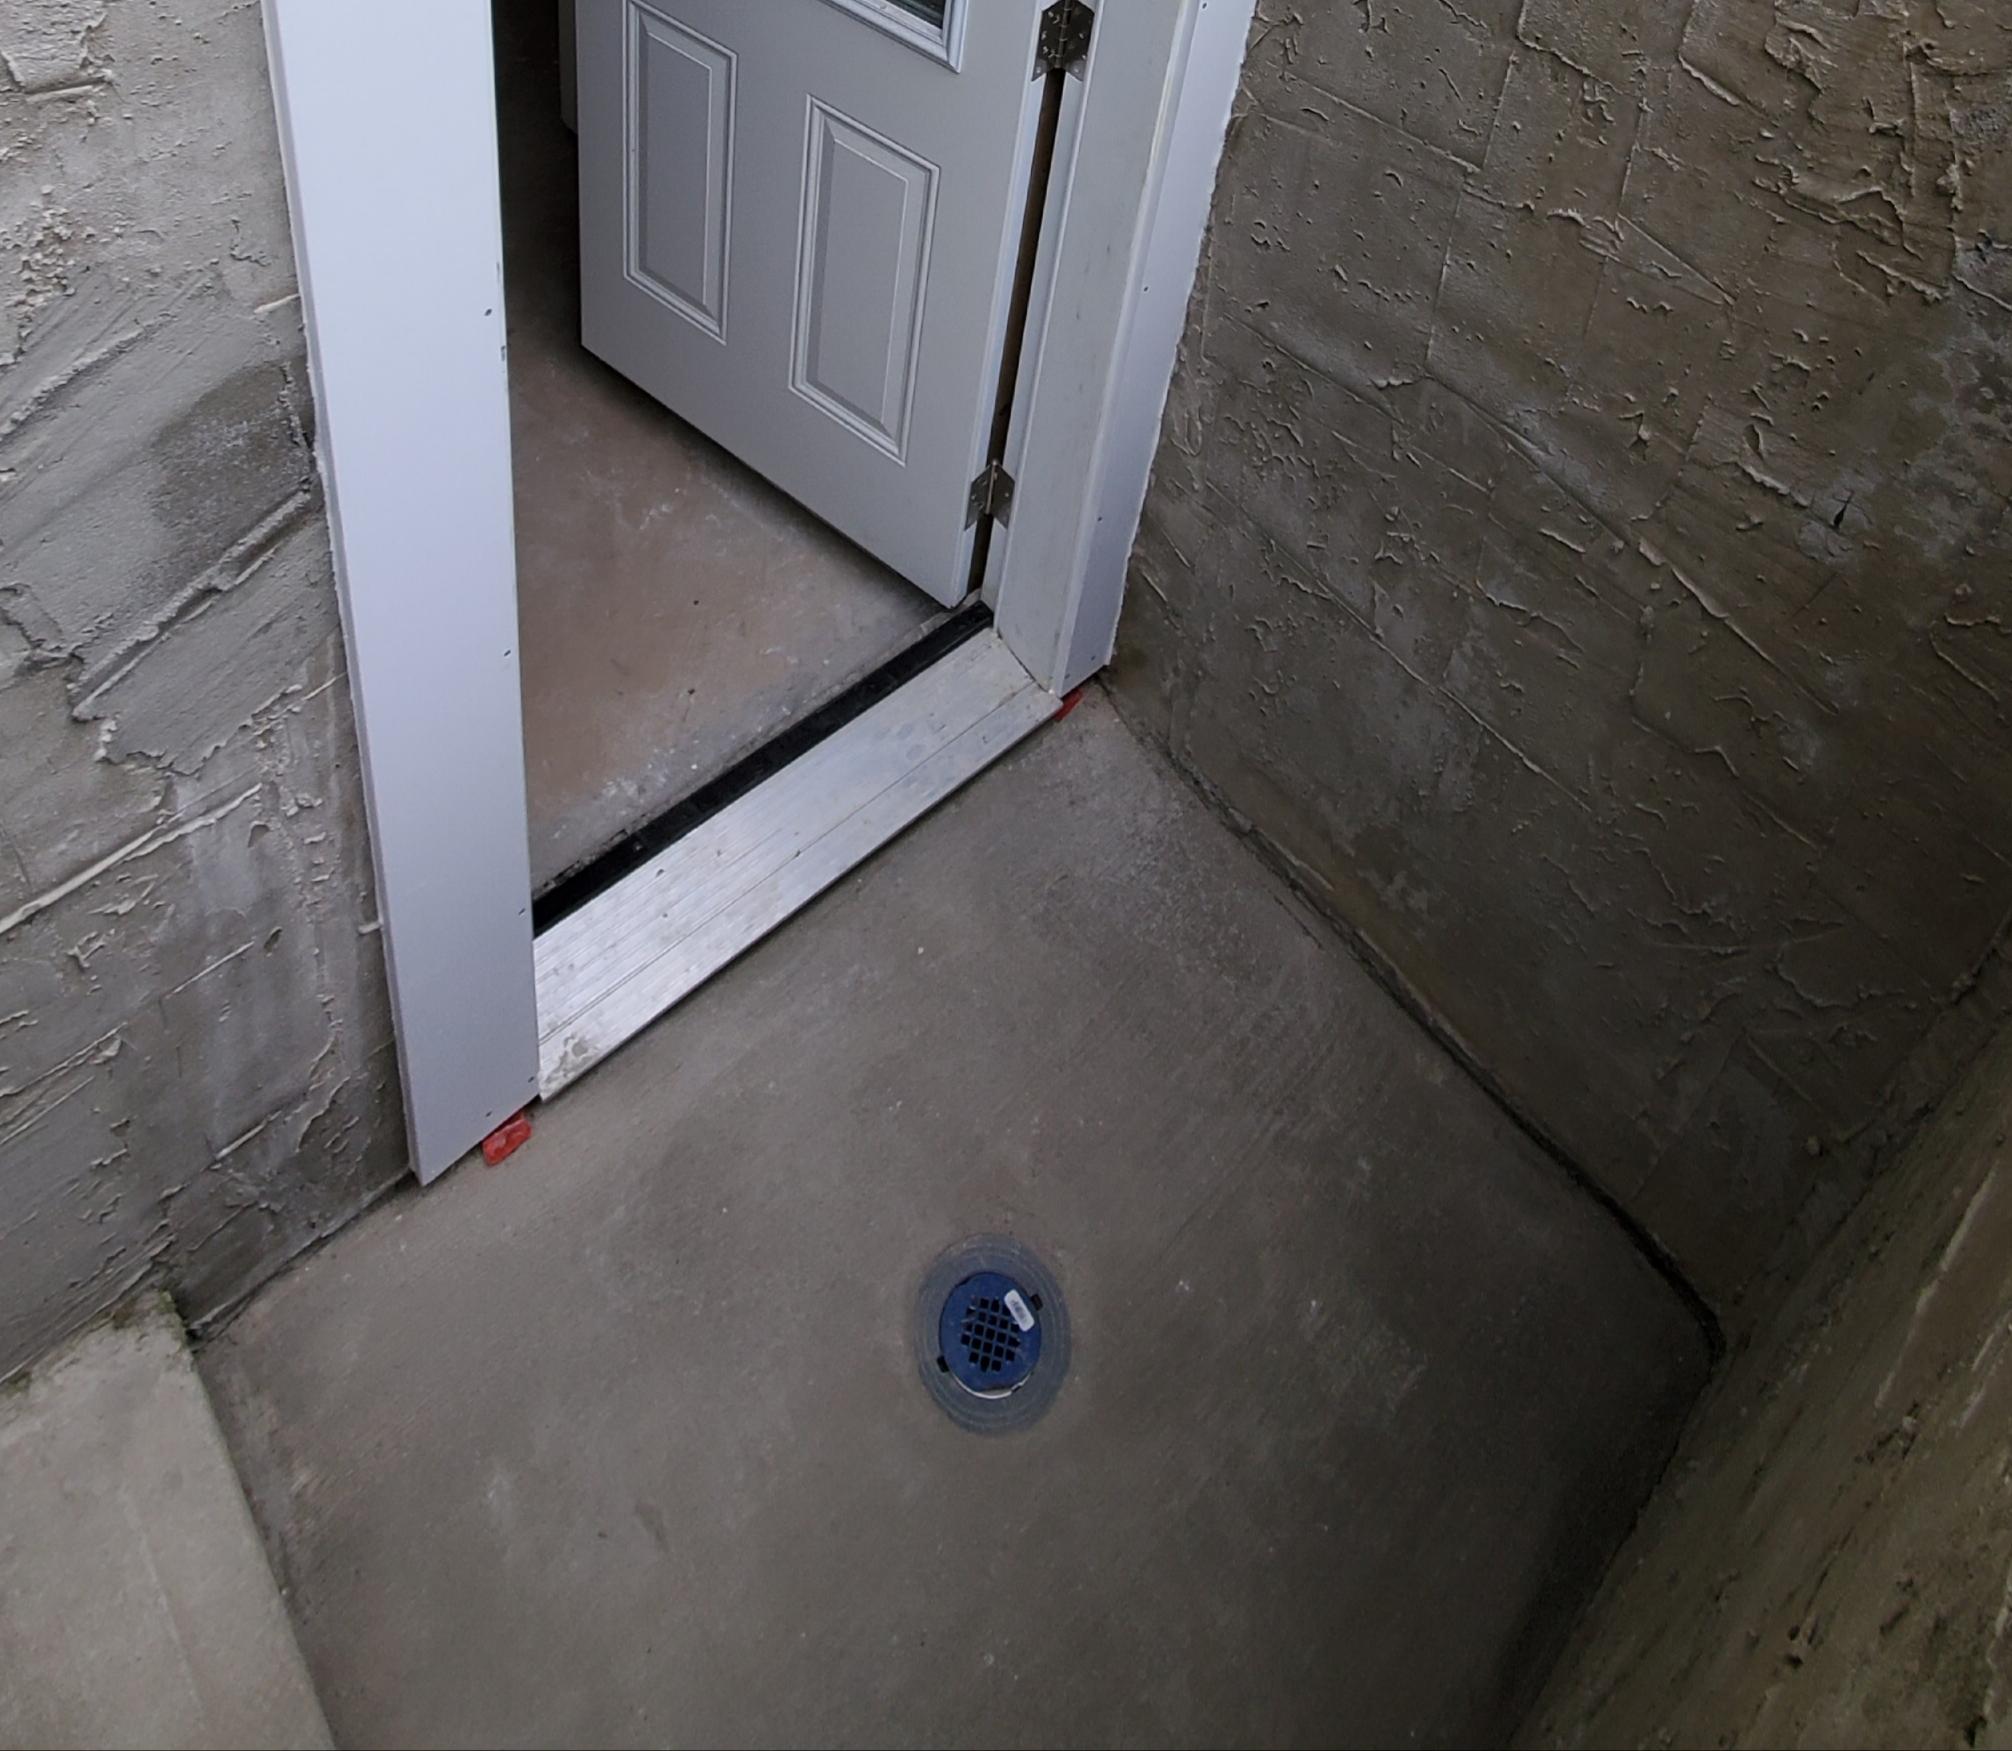 Outdoor floor drain issue...-20200612_221846_1592021937703.jpg